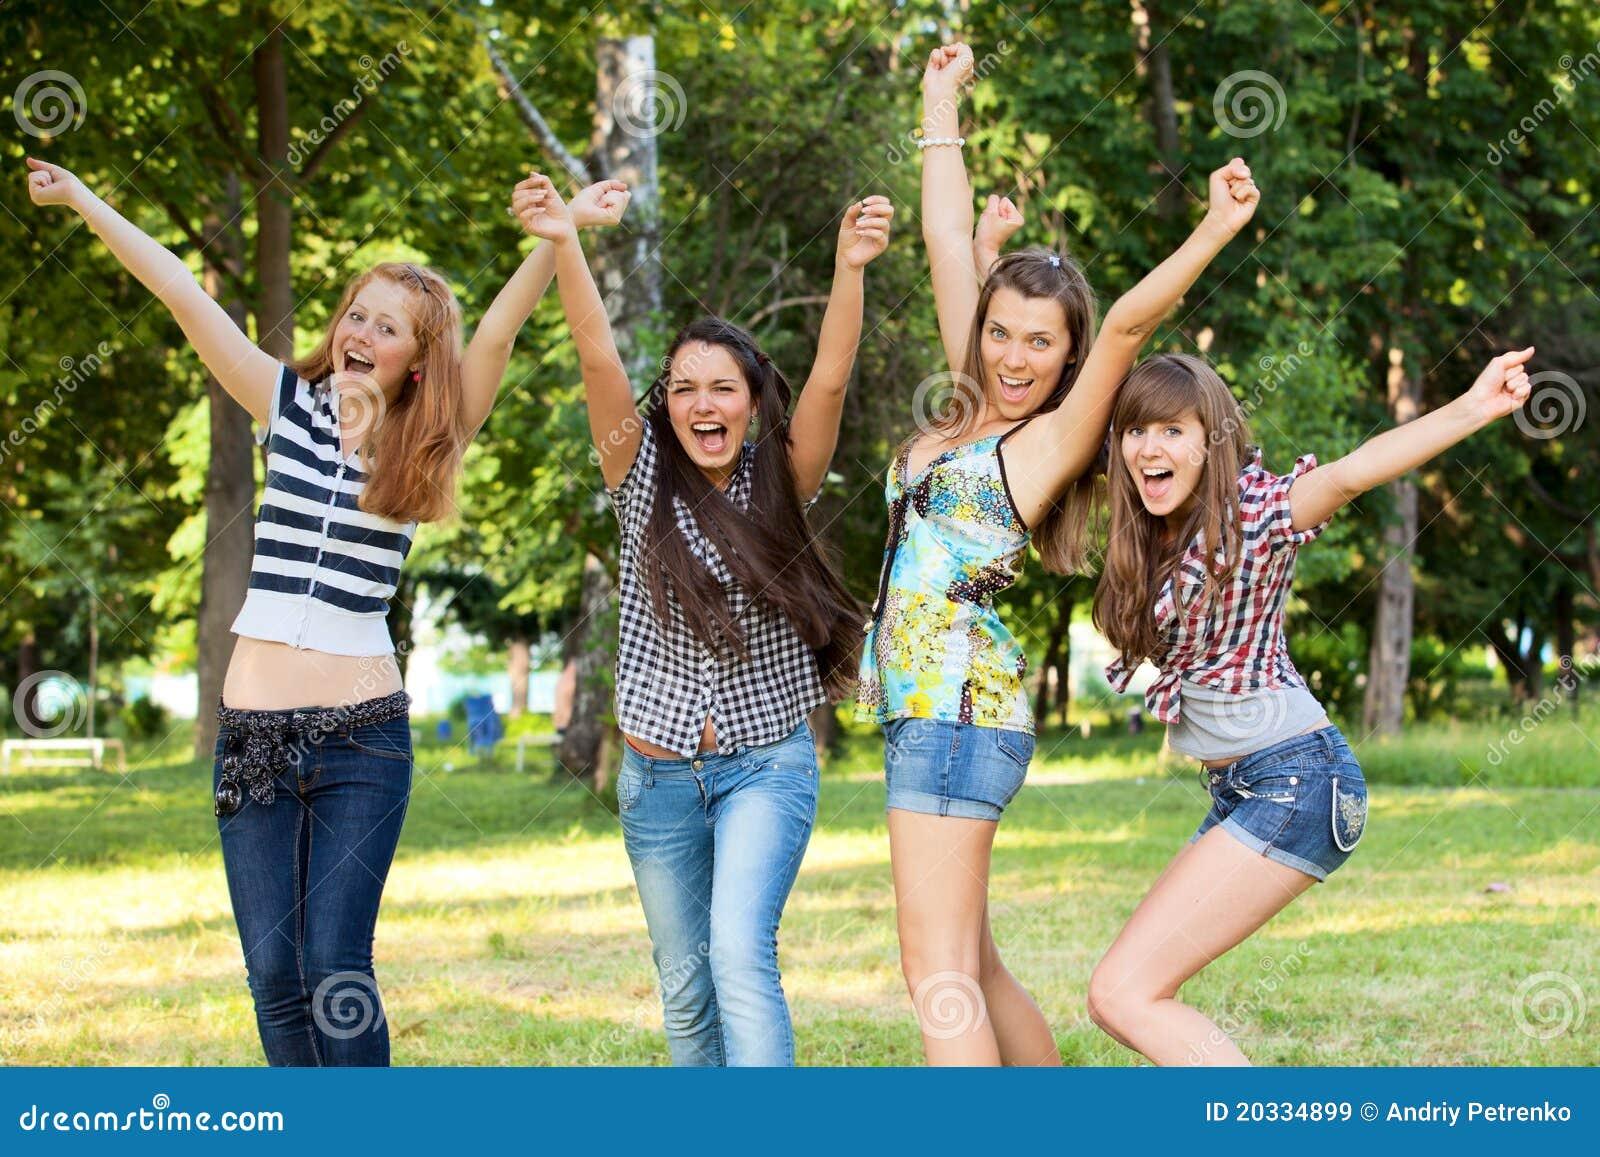 Novias jovenes y atractivas en parque